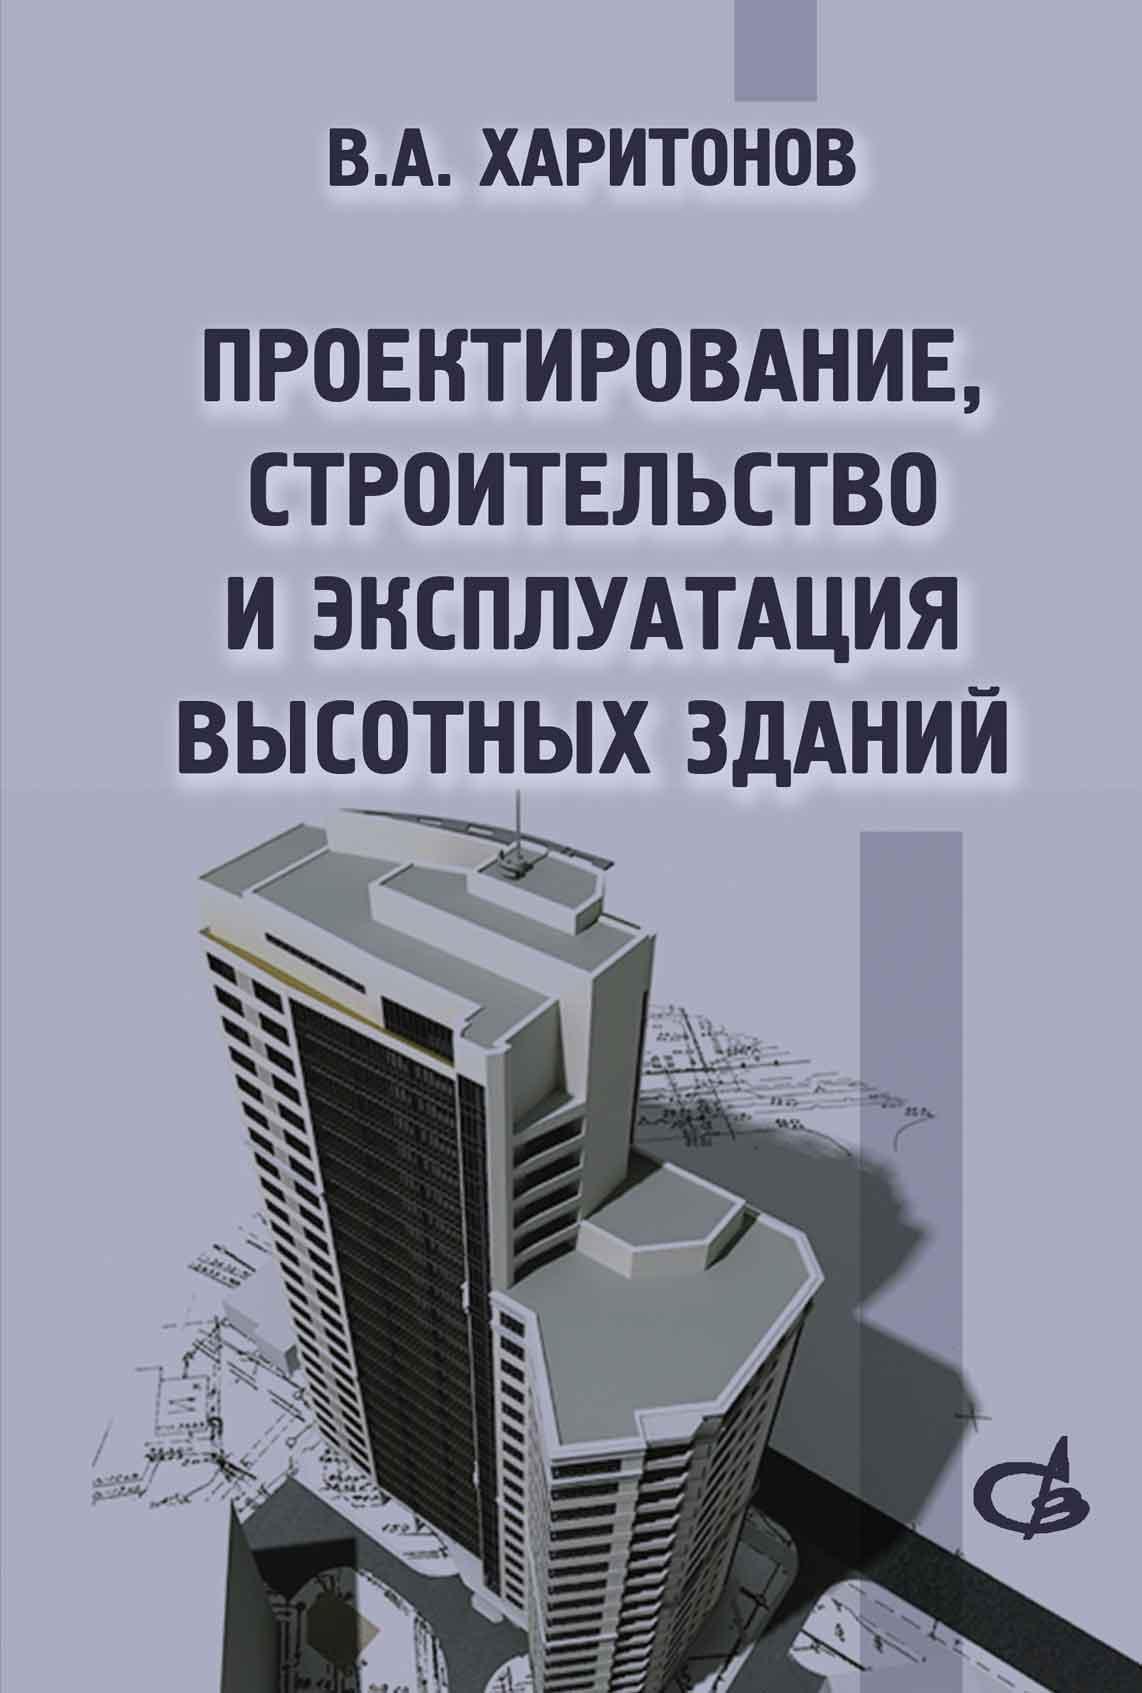 В. А. Харитонов Проектирование, строительство и эксплуатация высотных зданий неизвестный автор конструкции высотных зданий